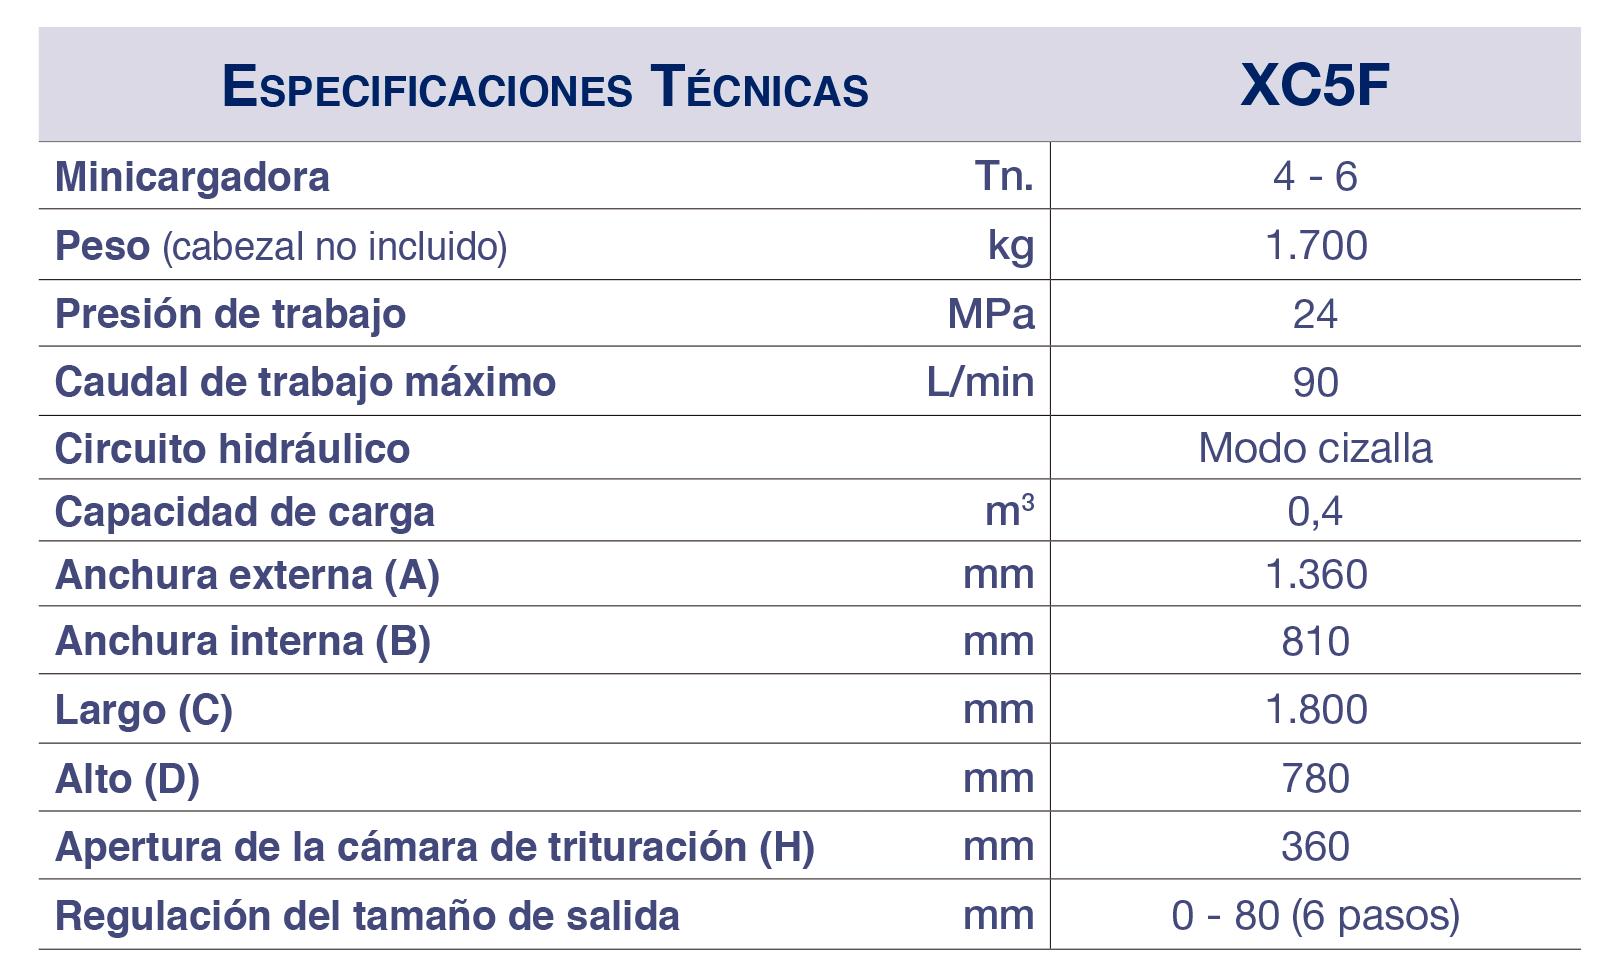 ESPECIFICACIONES TÉCNICAS XC5F